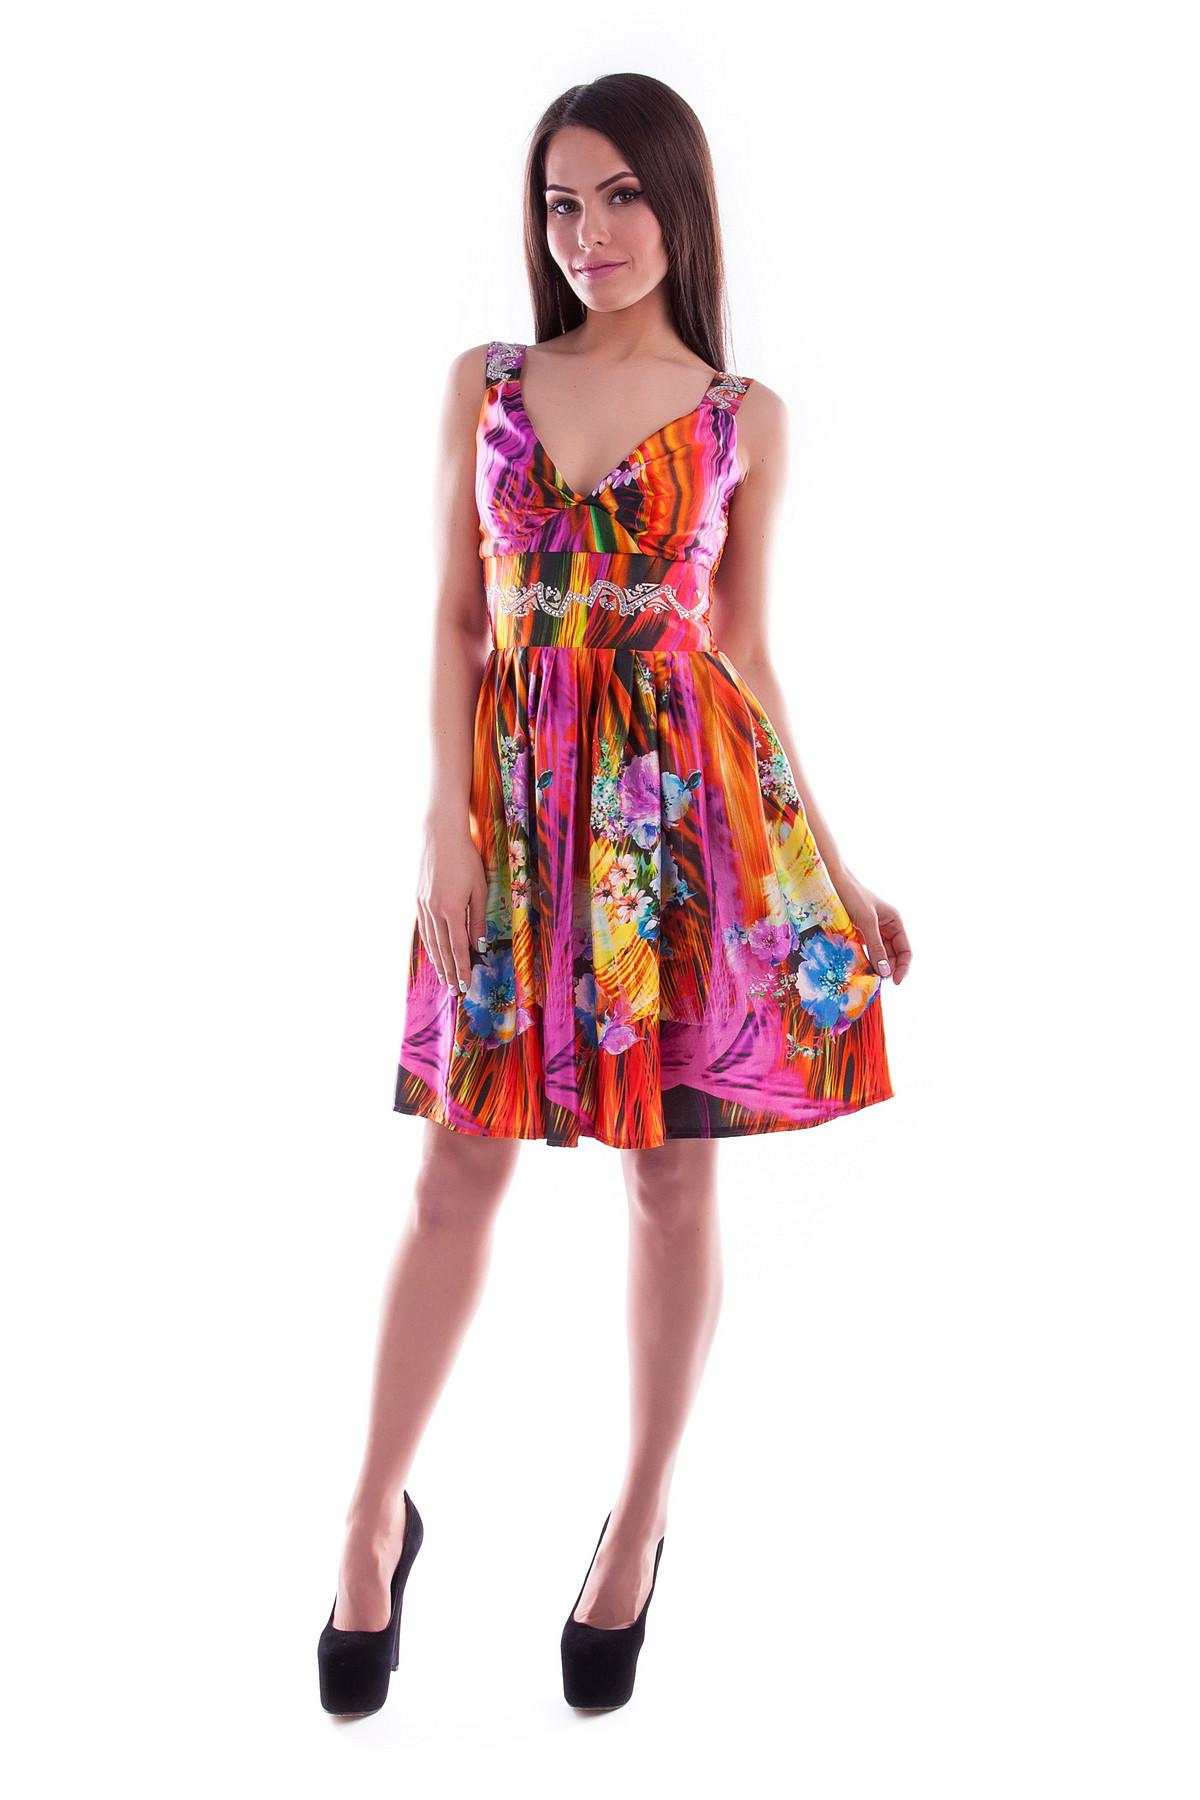 Оптовый интернет-магазин платьев Modus Платье Венеция